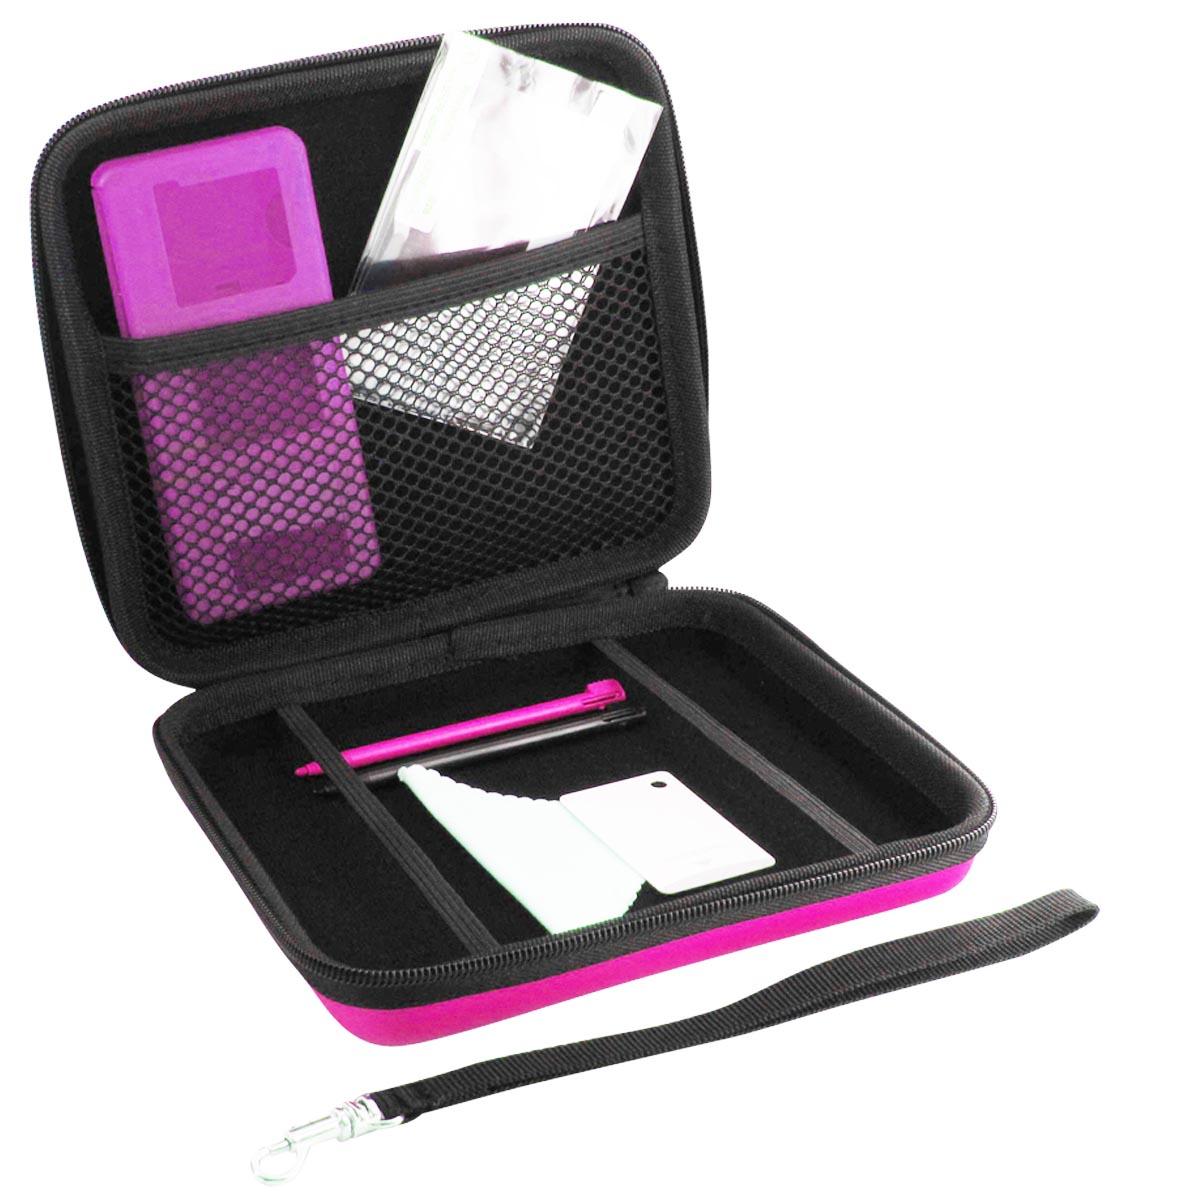 dea factory starter pack rose nintendo 2ds accessoires. Black Bedroom Furniture Sets. Home Design Ideas